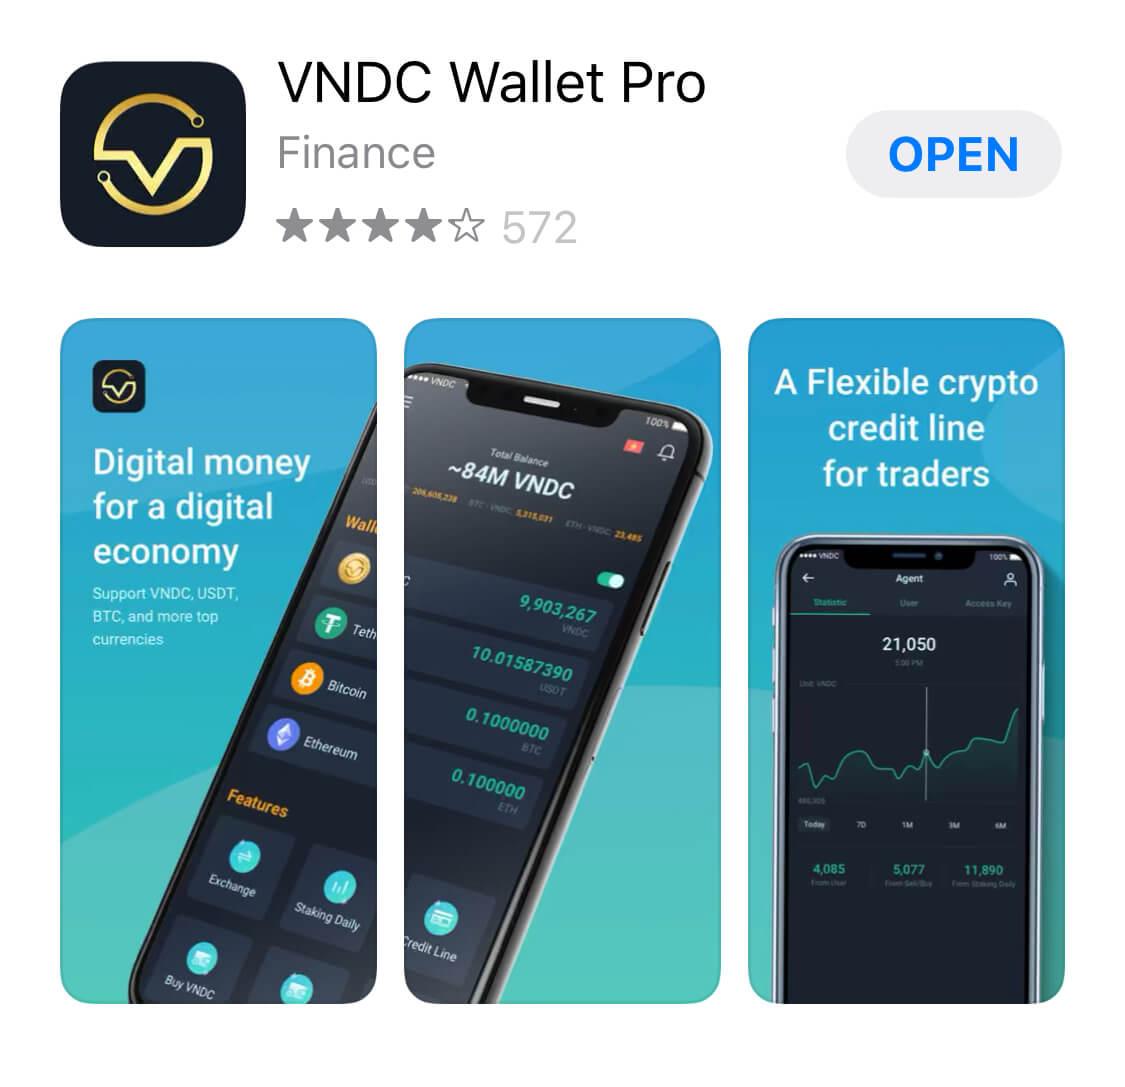 Ứng dụng kiếm tiền trên điện thoại VNDC